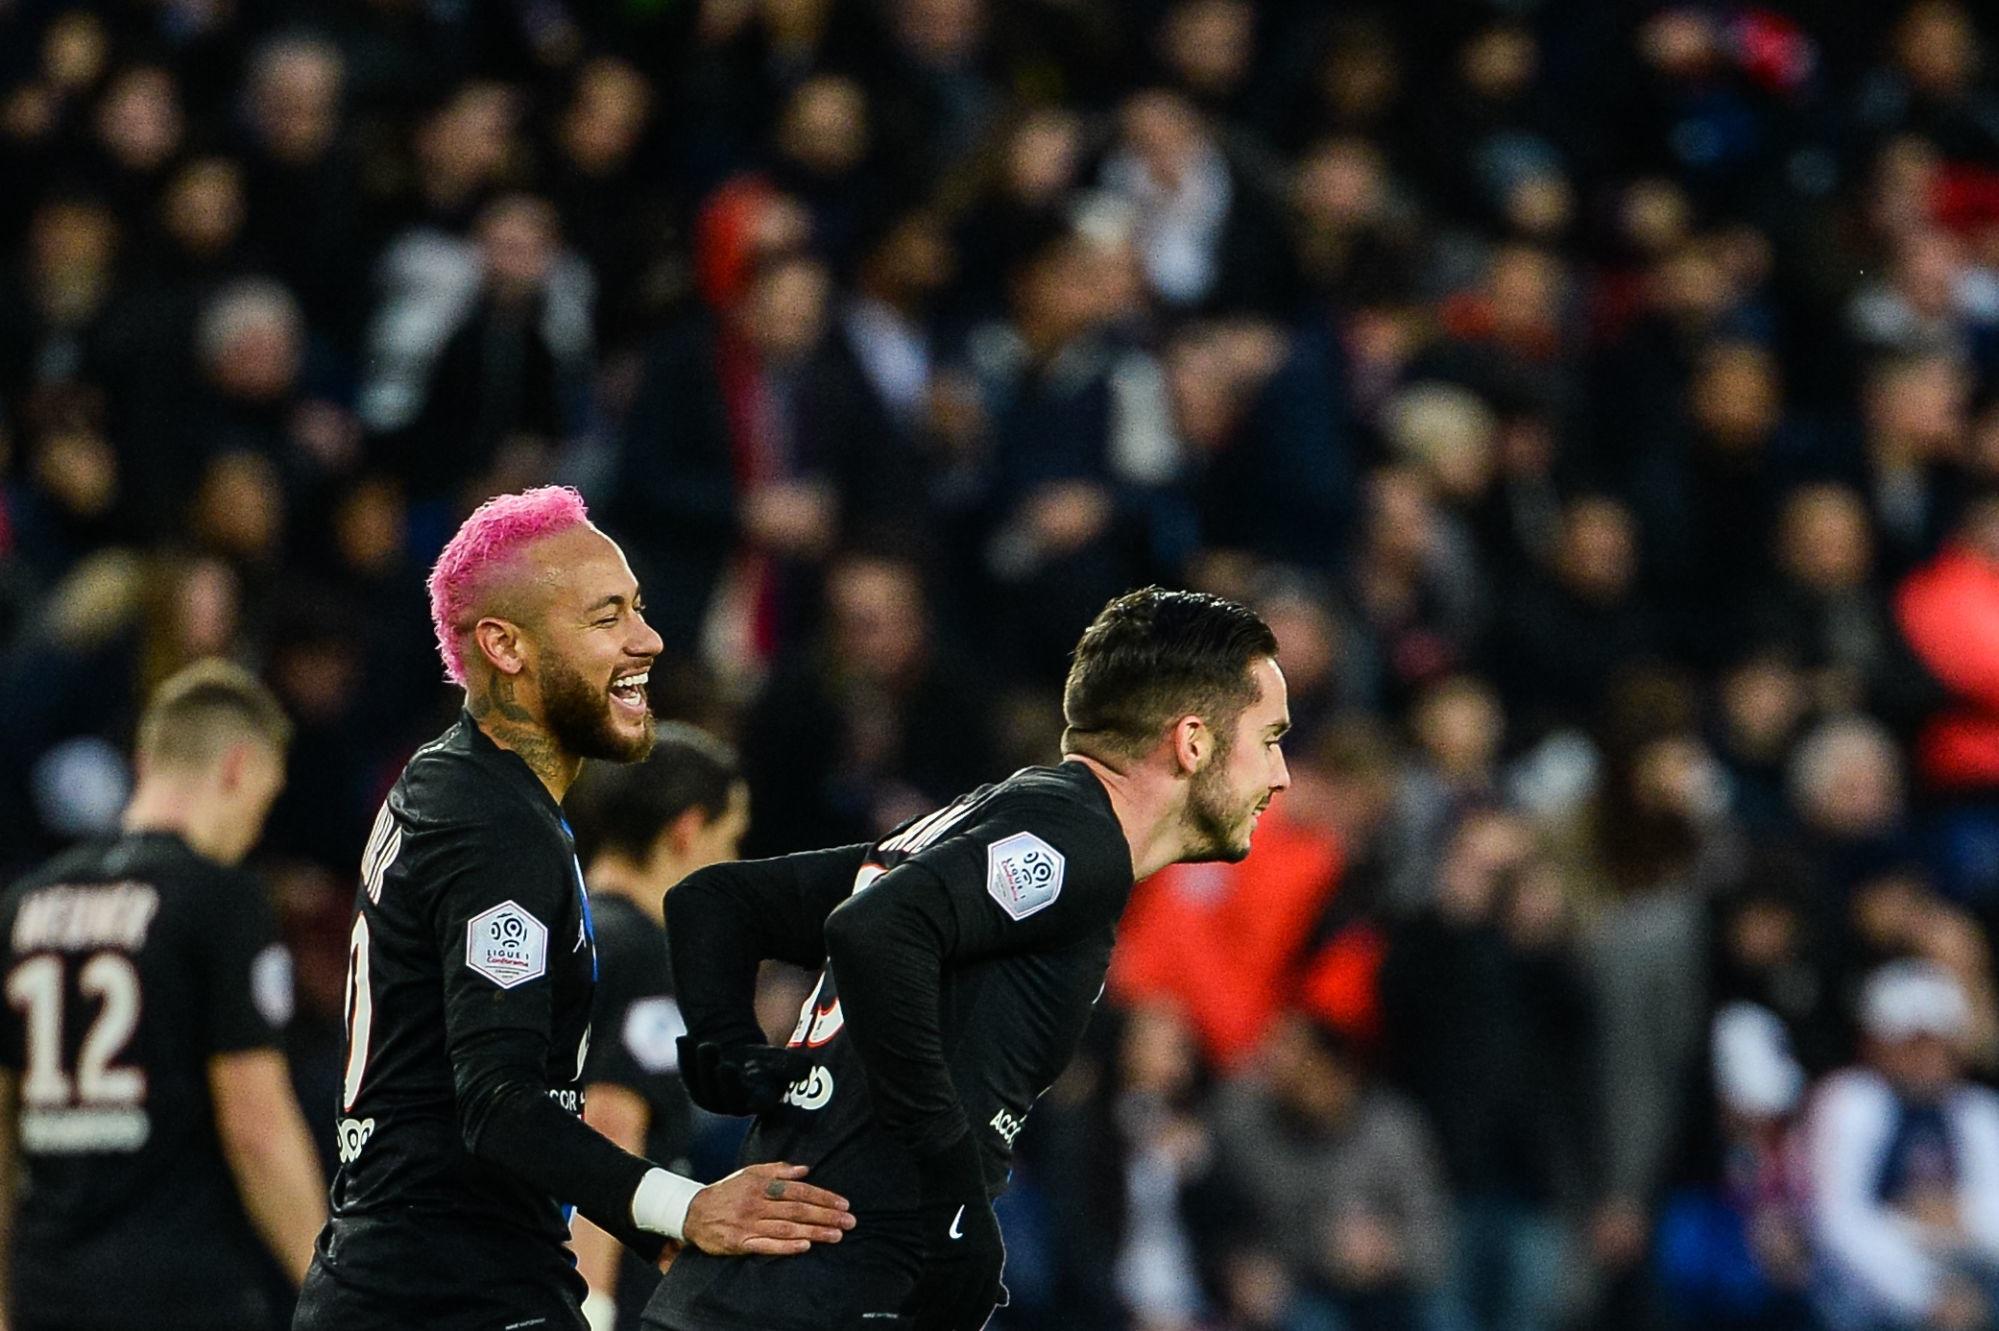 Sondage - Quelle est la plus belle réalisation du PSG cette saison ? 2e manche : Sarabia ou Neymar ?